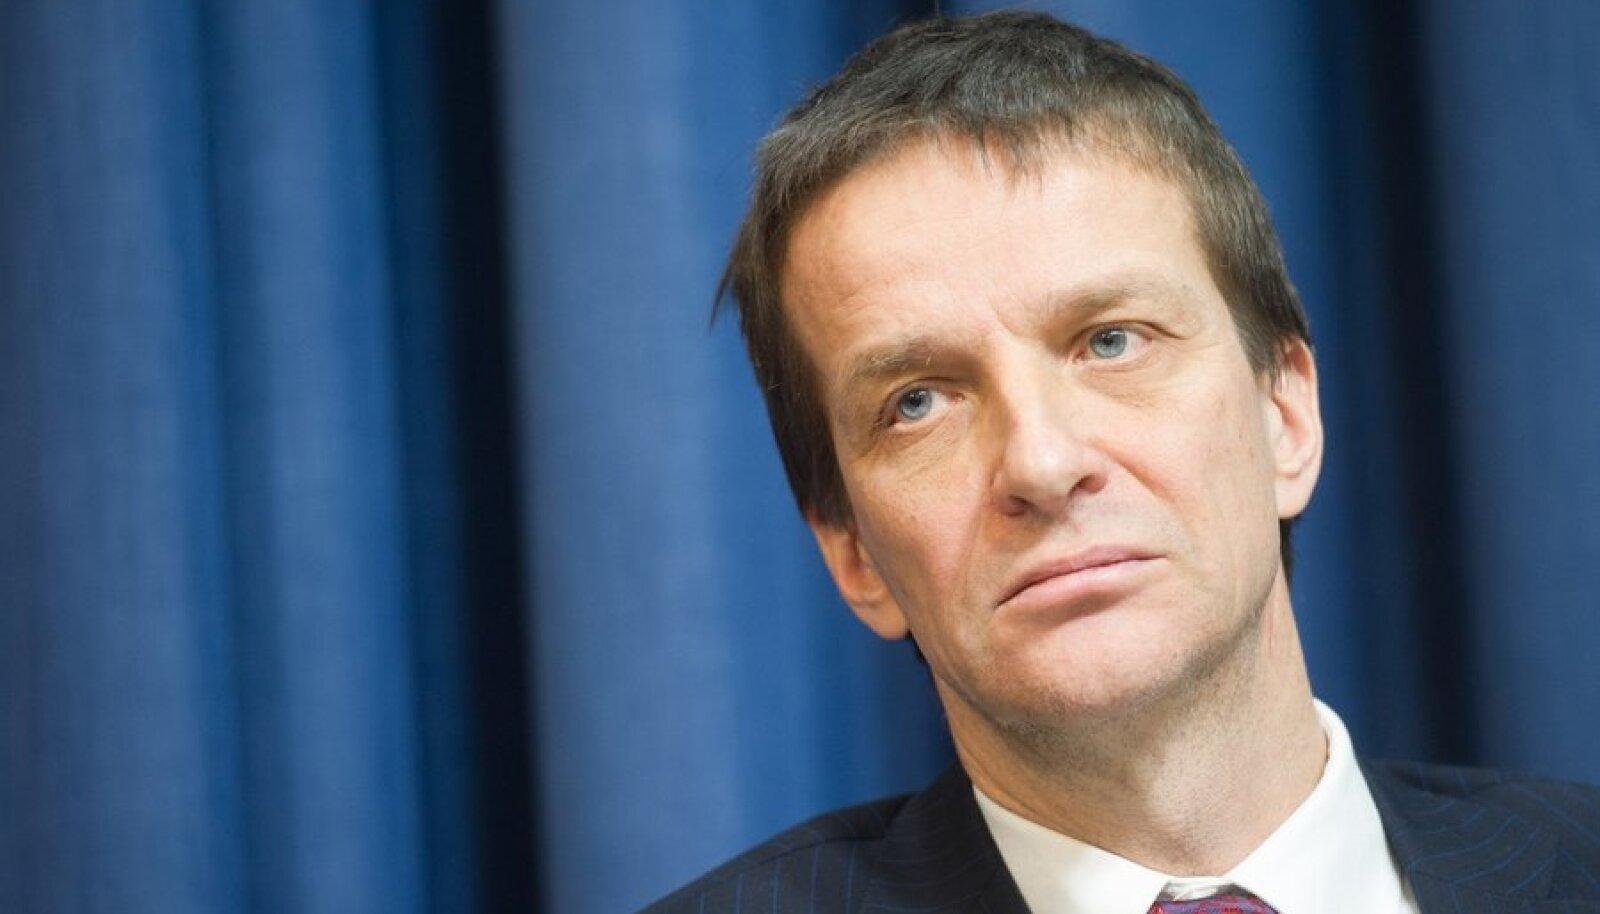 Eesti Panga VEB fondi auditit puudutav esitlus